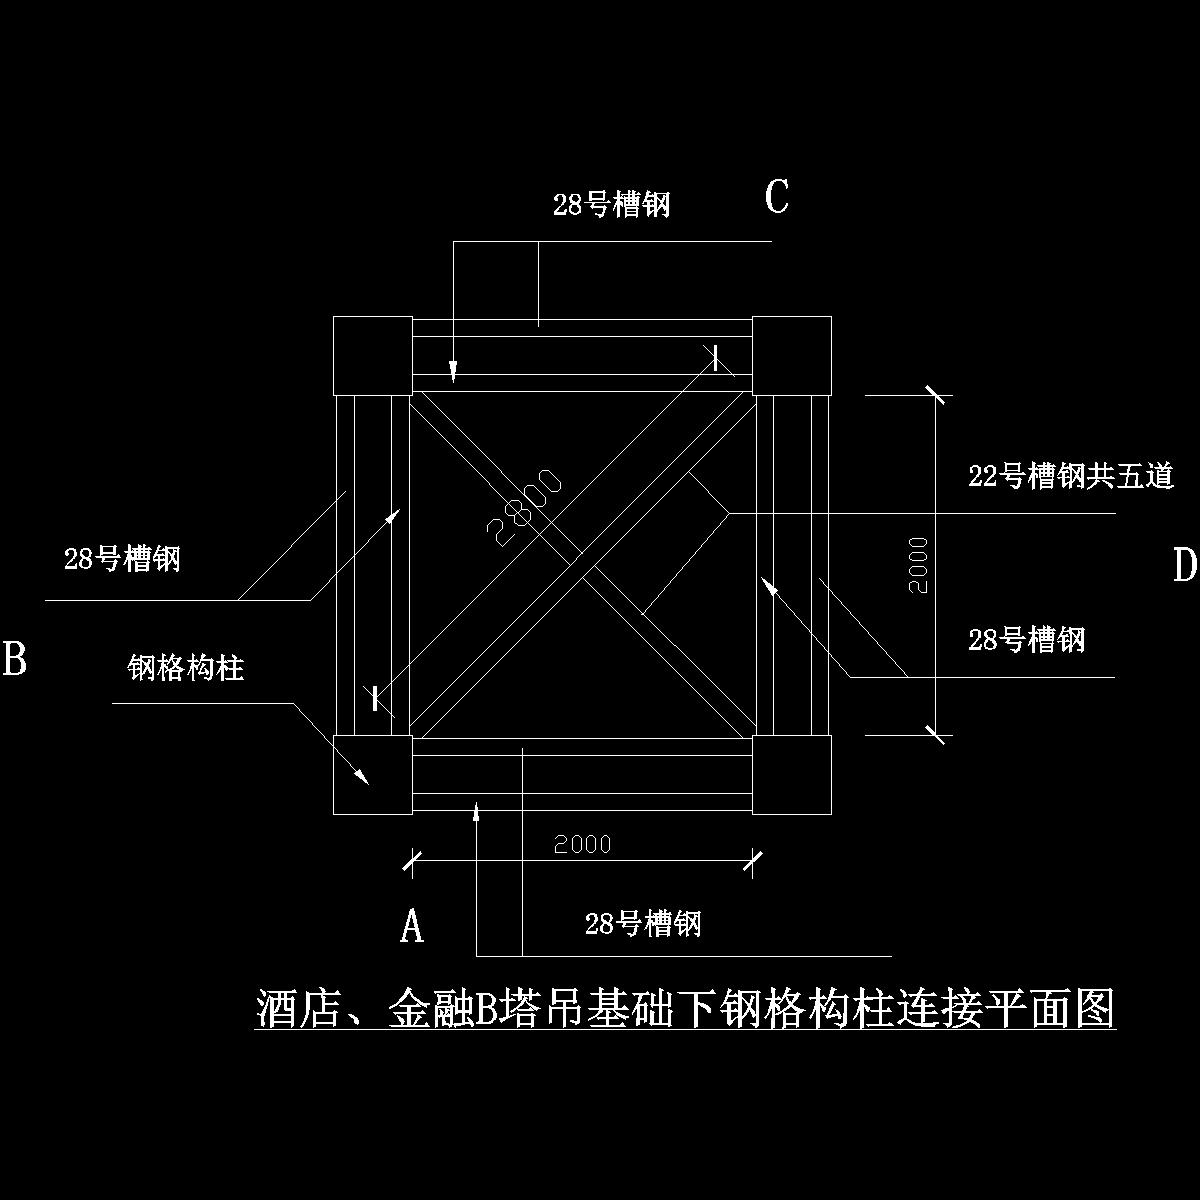 酒店金融b塔吊基础格构柱连接平面图.dwg